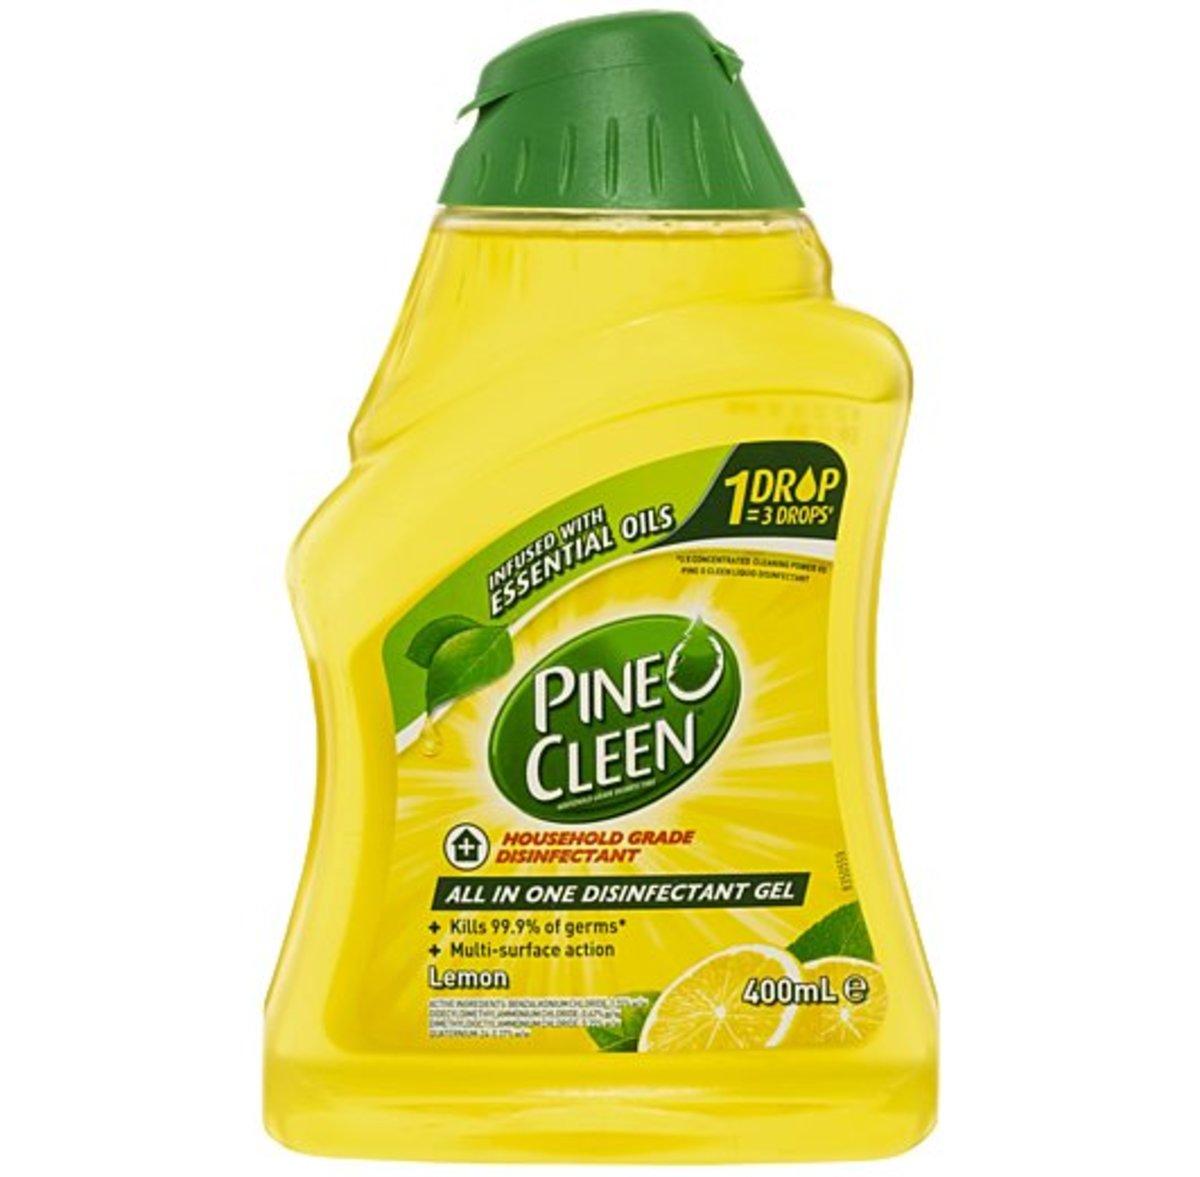 檸檬味 - 多用途消毒清潔啫喱(400ml)